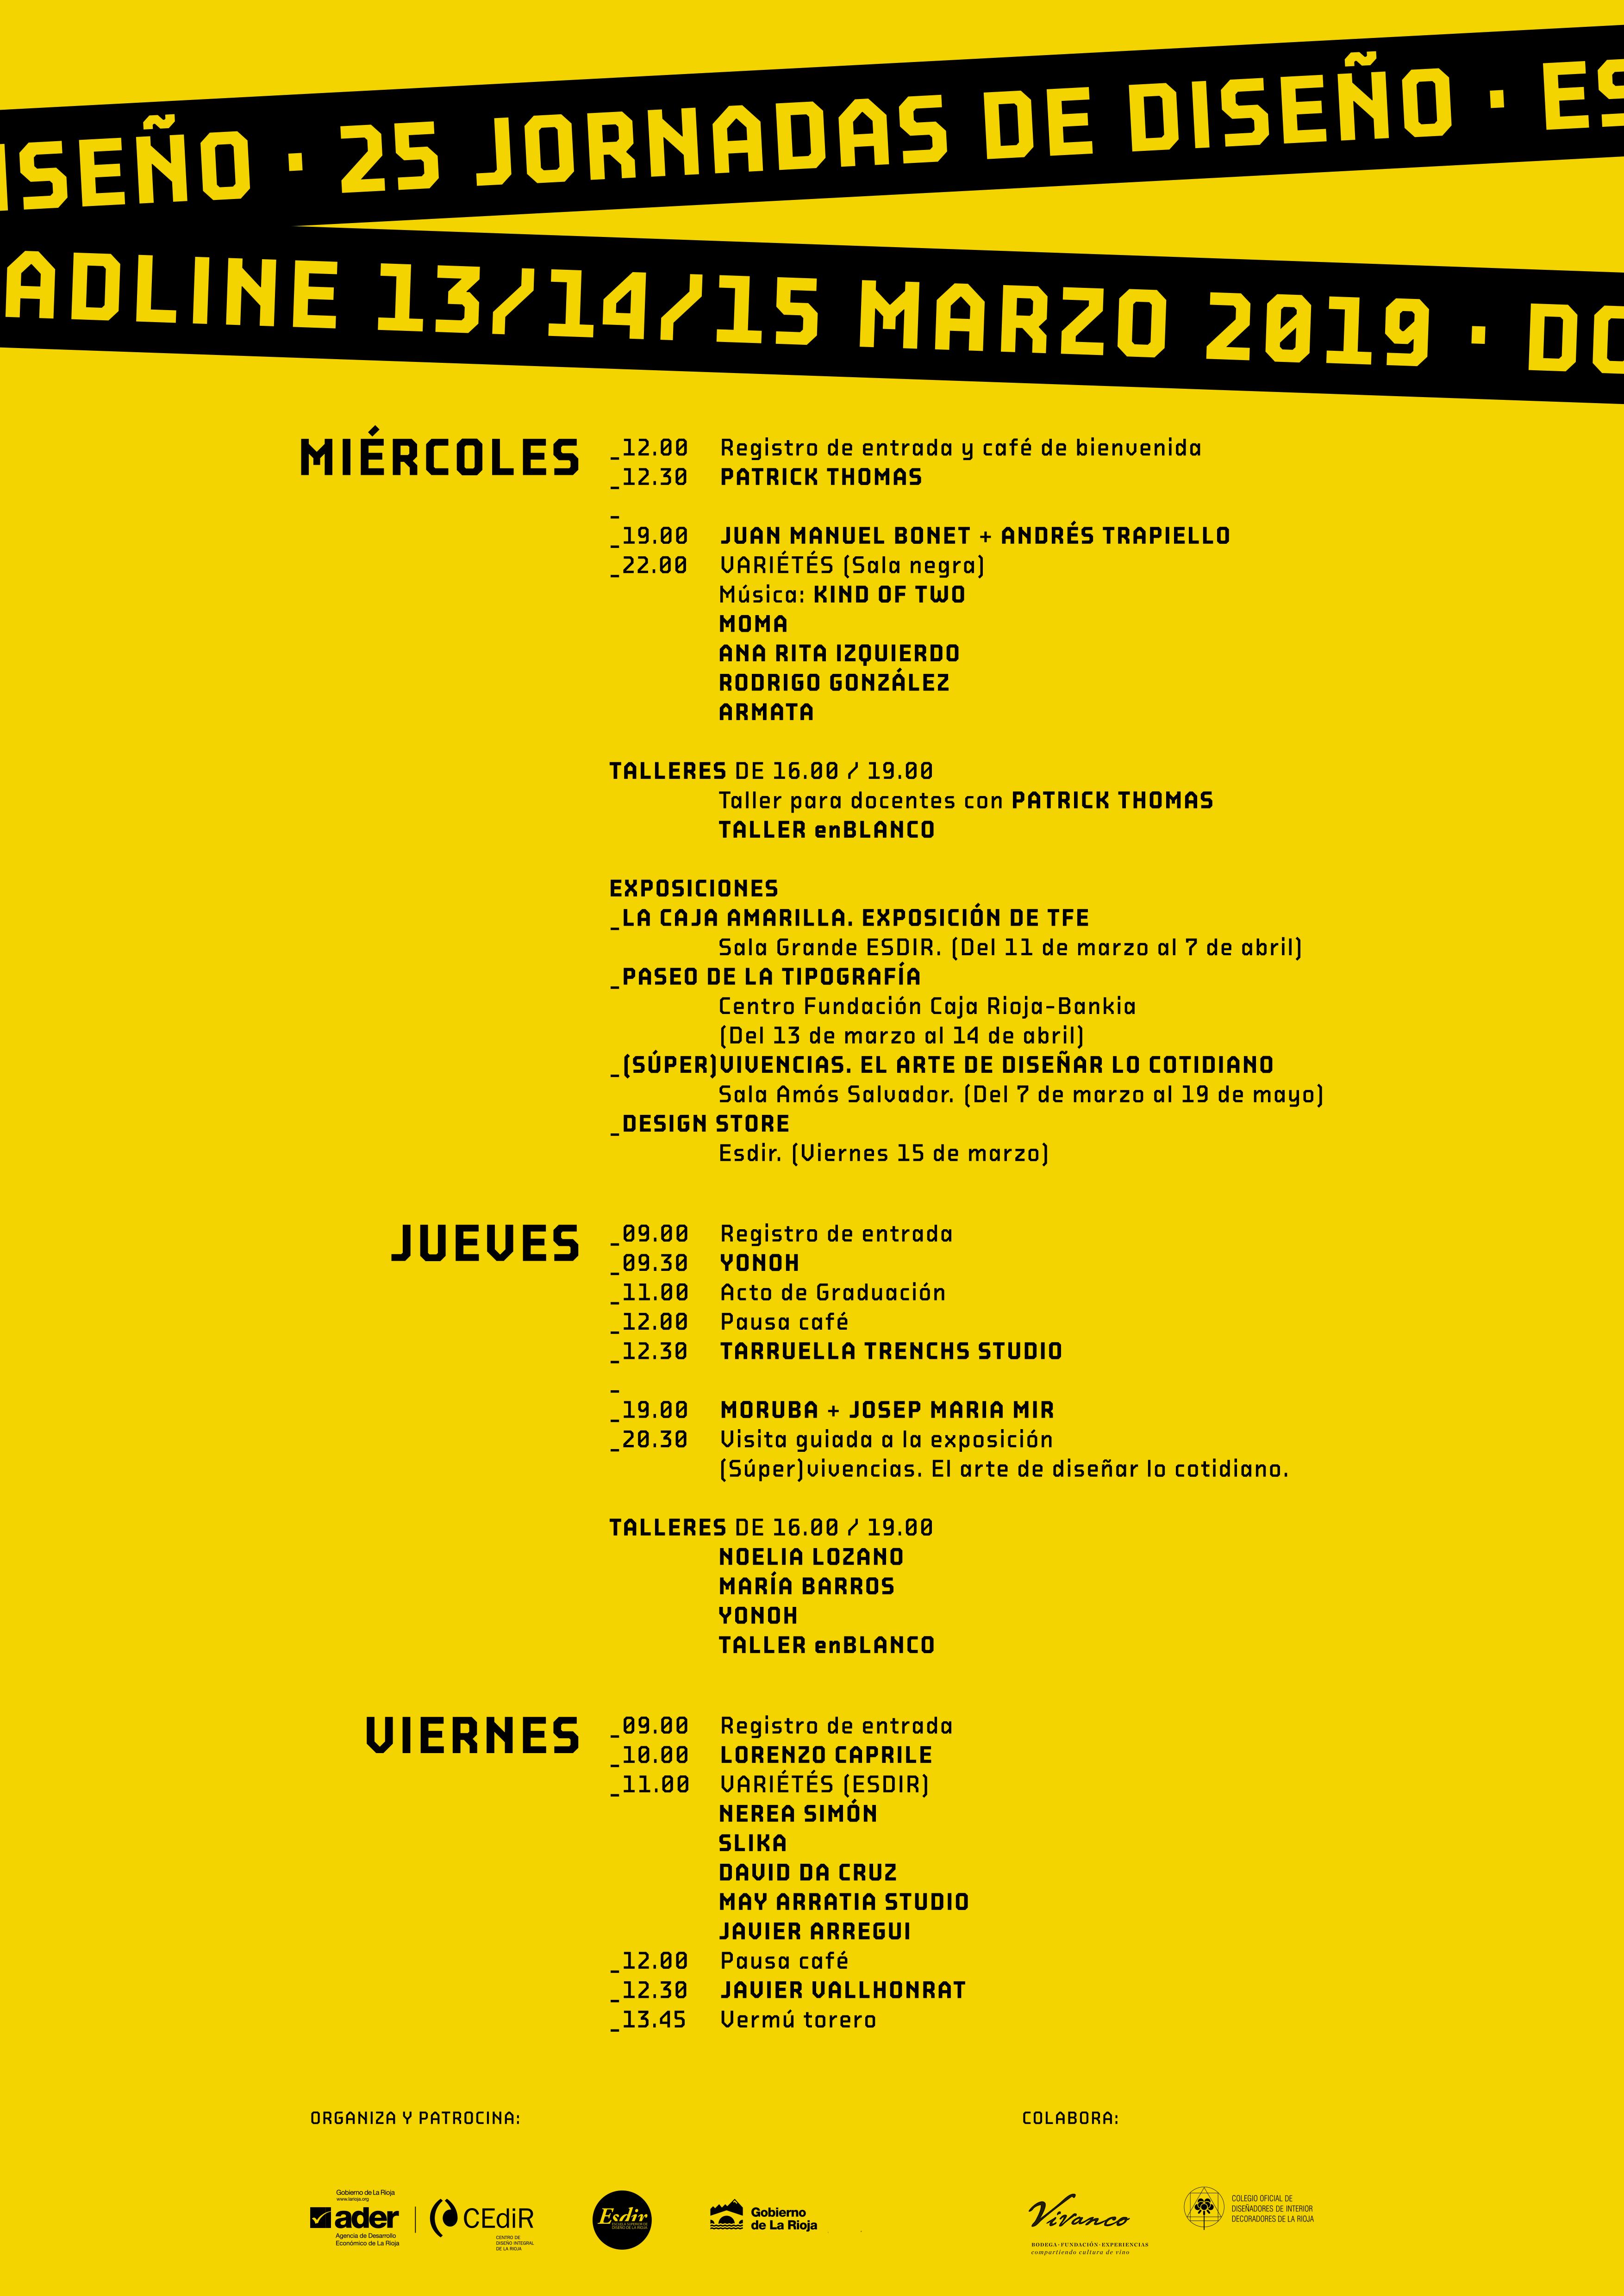 25 Jornadas de Diseño. Esdir